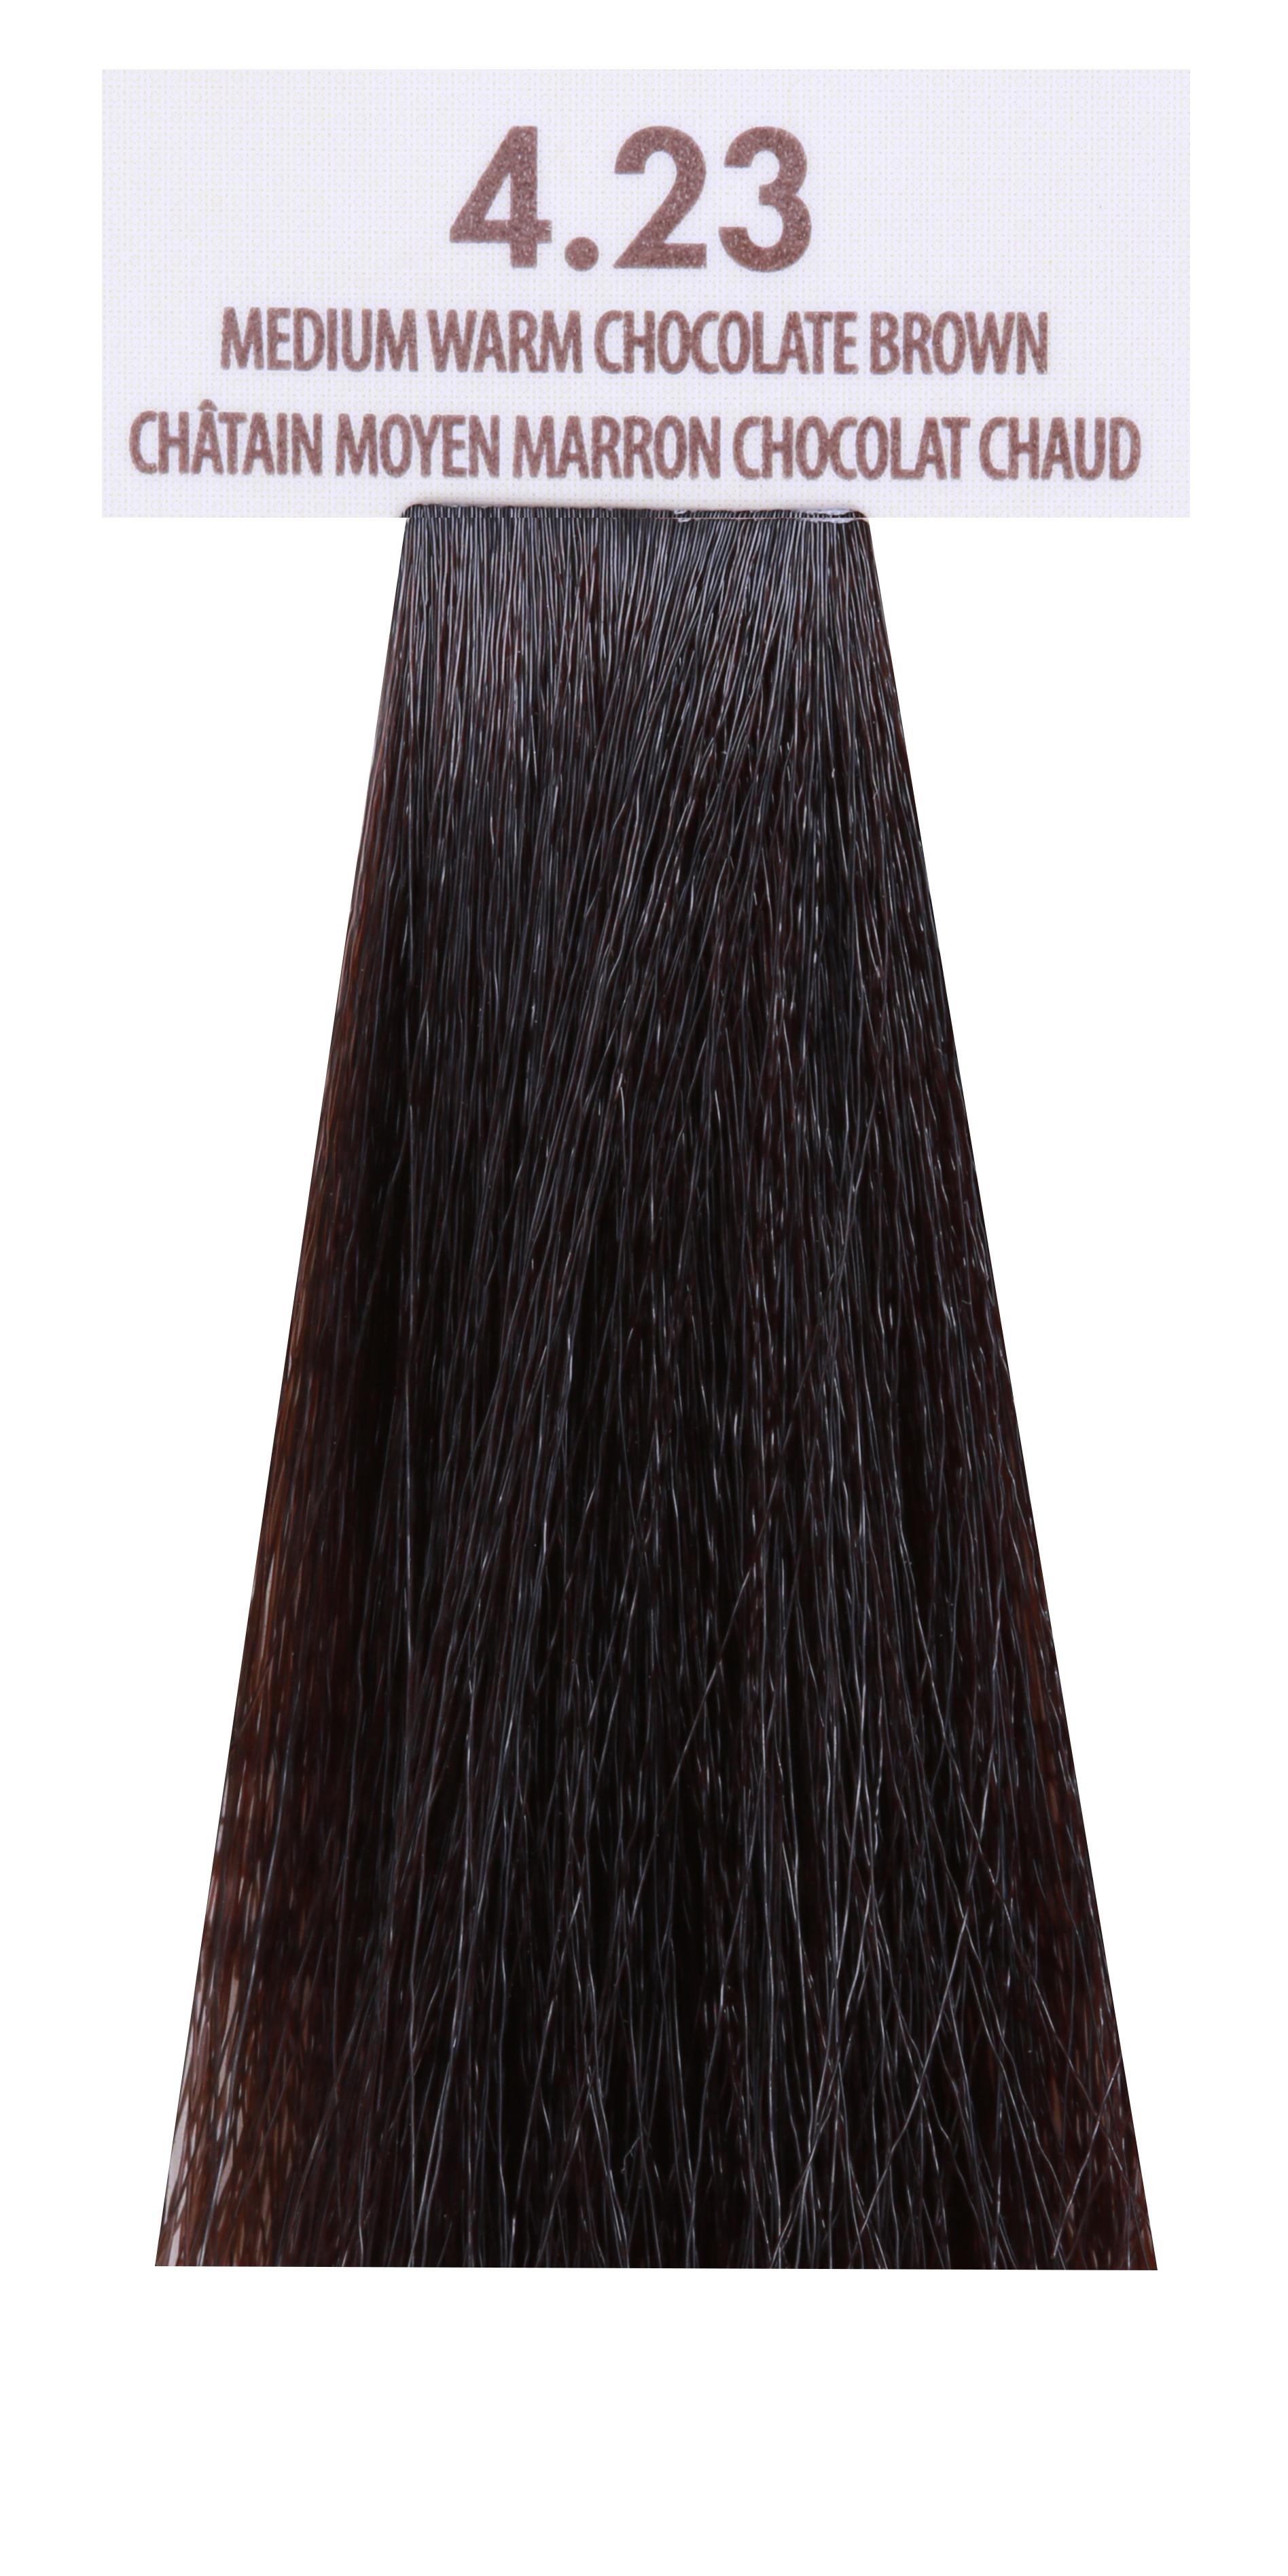 MACADAMIA NATURAL OIL 4.23 краска для волос, средний теплый шоколадный каштановый / MACADAMIA COLORS 100 мл фото